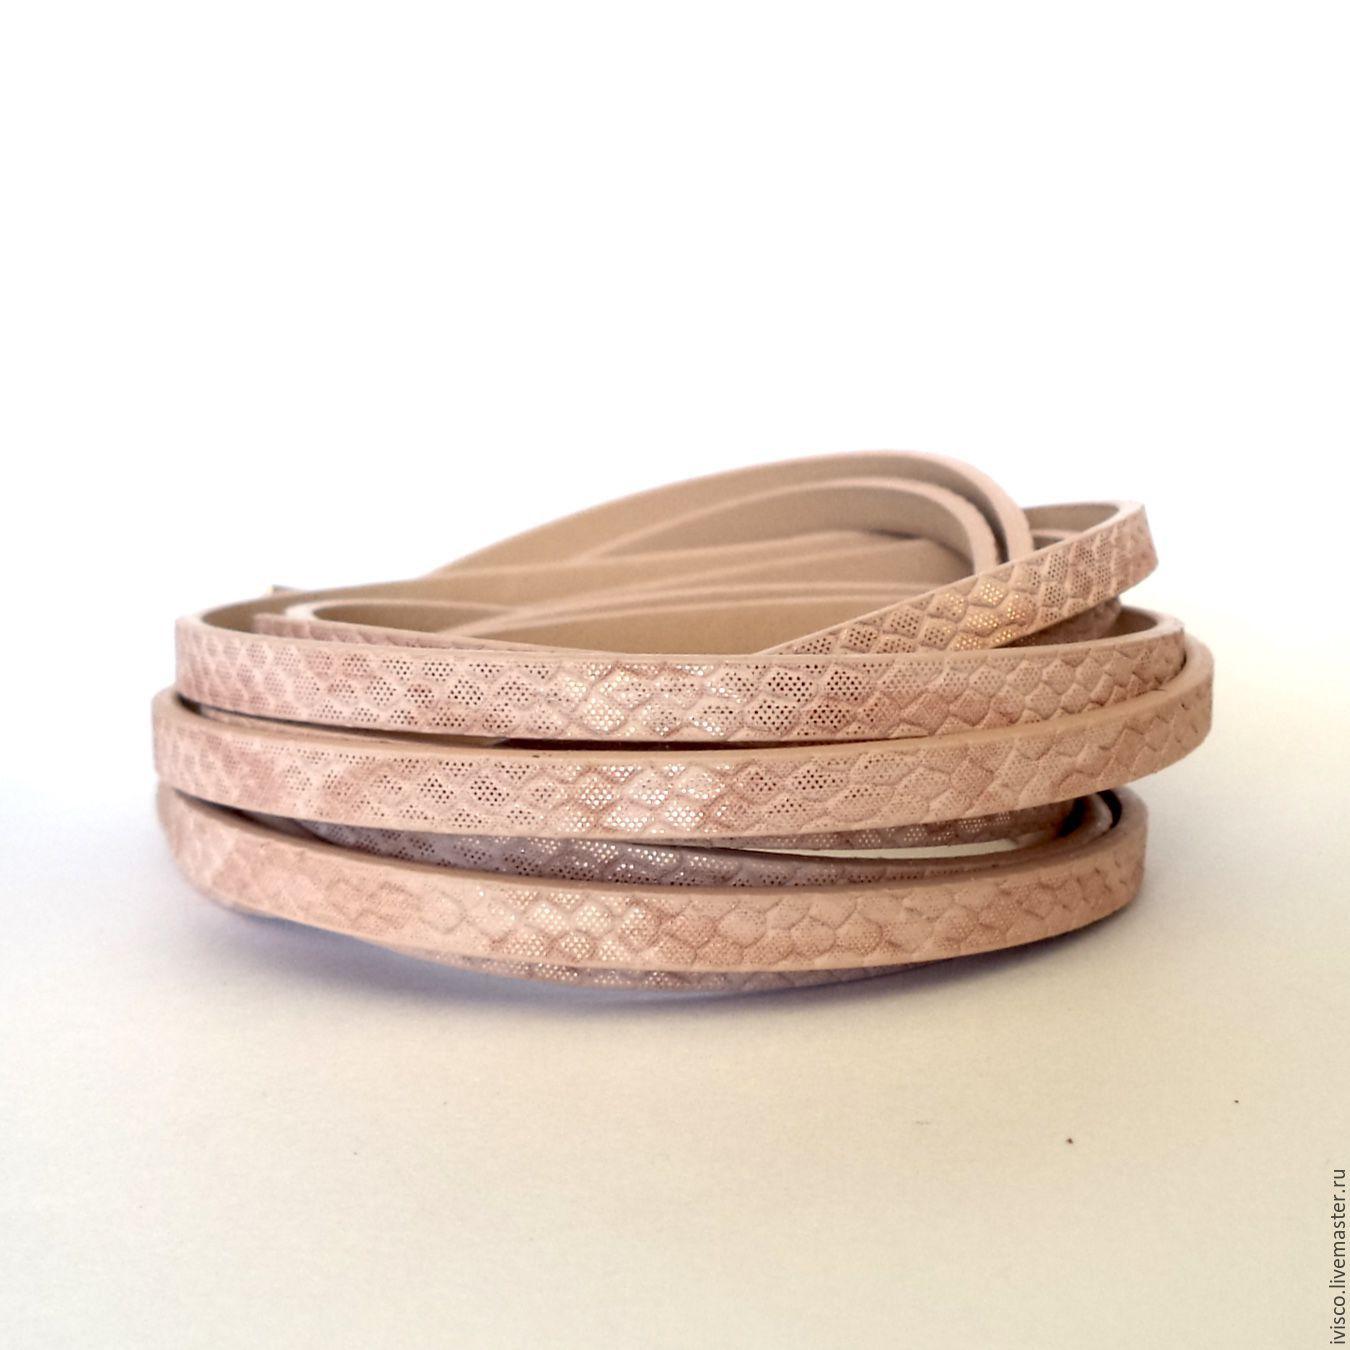 Шнур PU 5х2мм  розово-золотой с принтом под змею, Шнуры, Афины, Фото №1